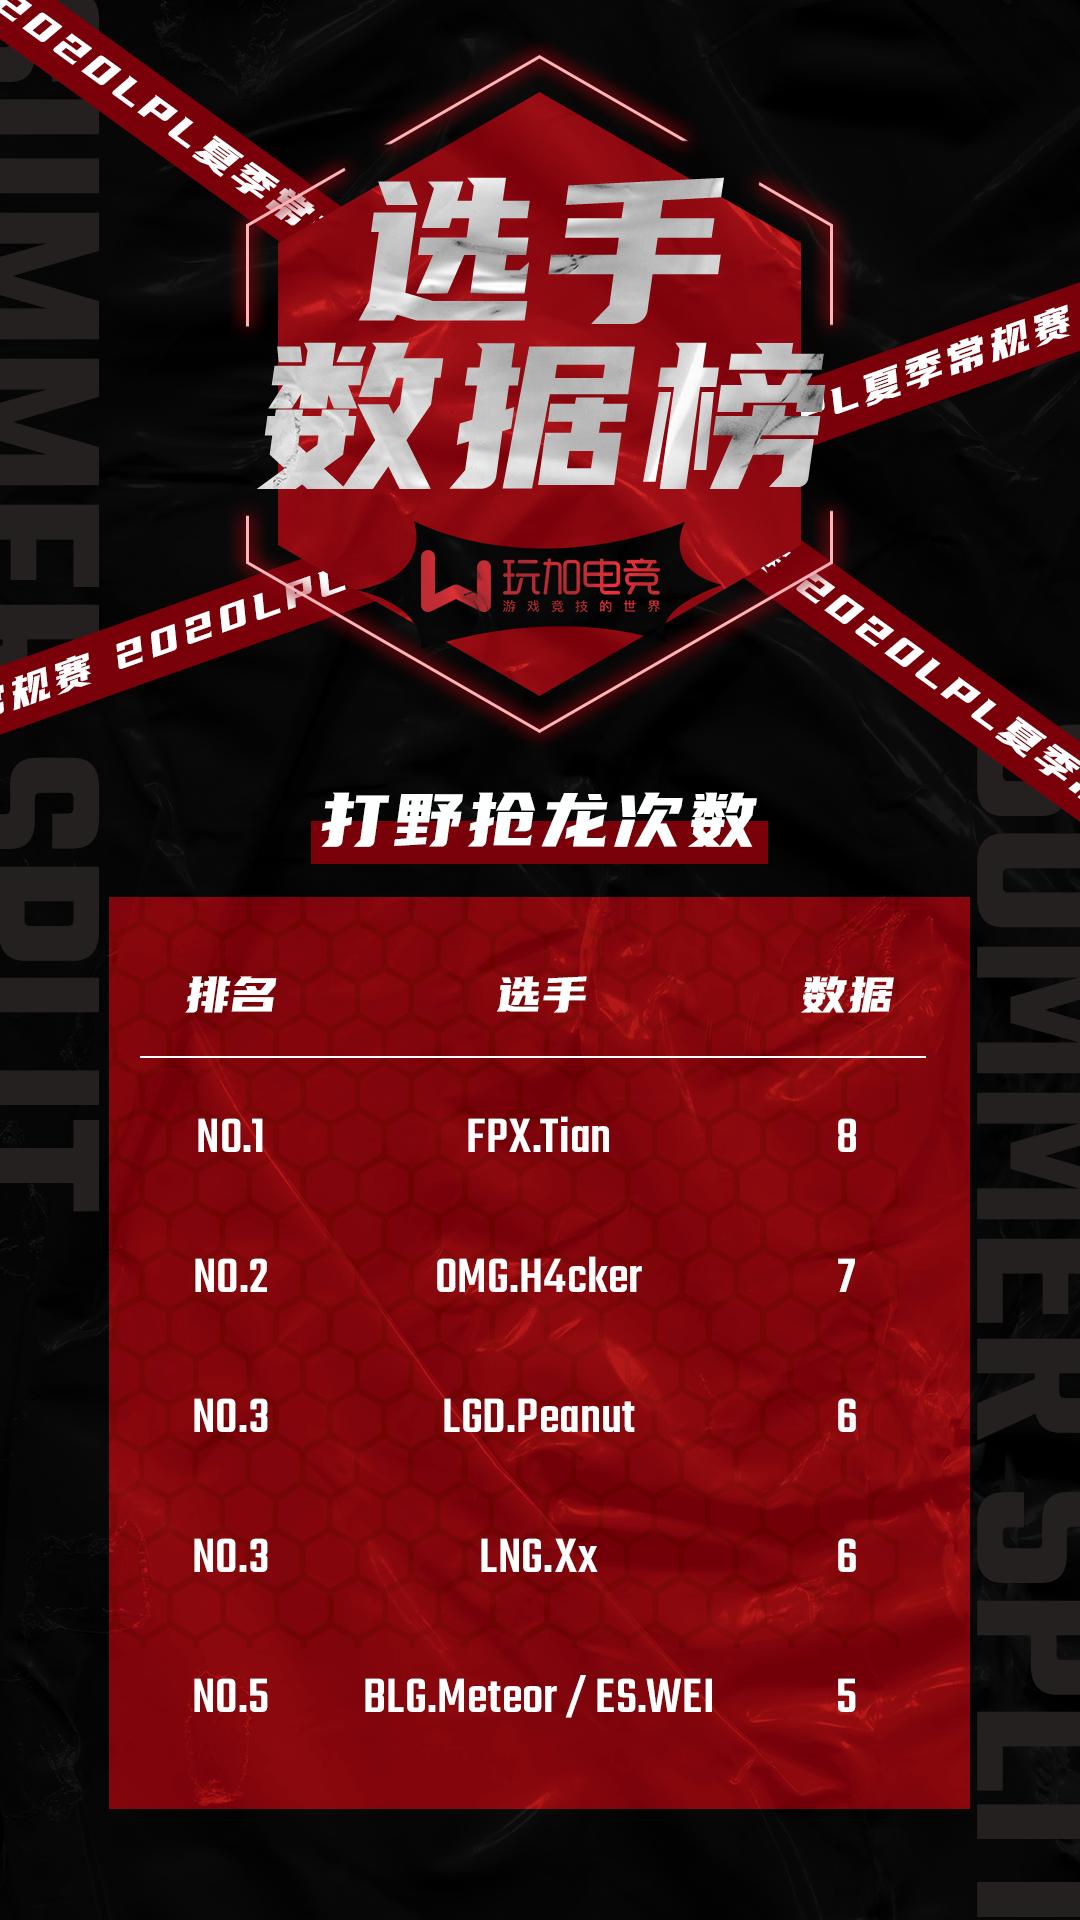 LPL夏季赛打野抢龙排名:FPX.Tian以8次抢龙登顶